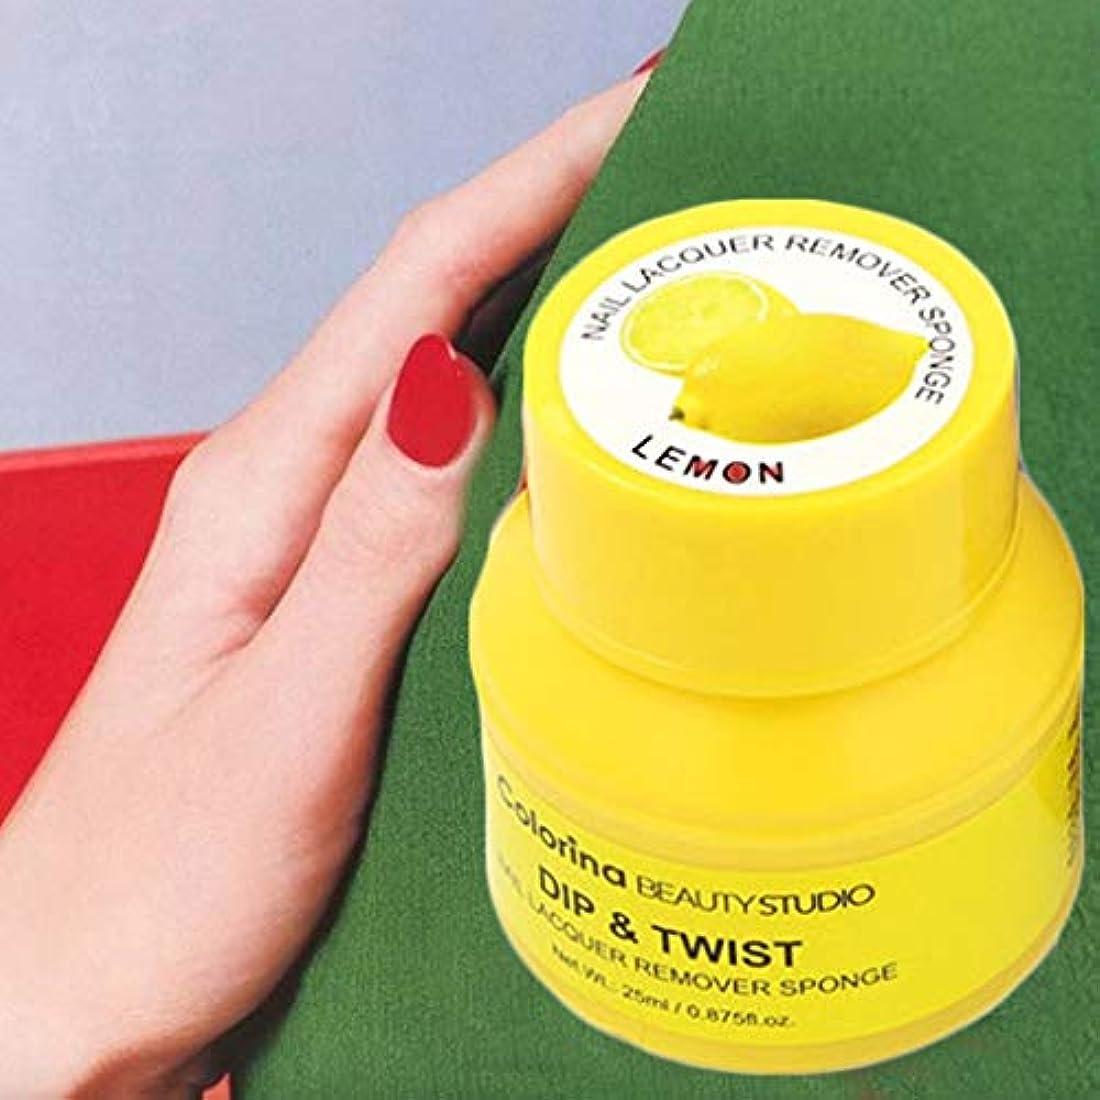 偏見ハンディ積極的にネイルクリーニング 回転式除荷綿水 メルティングポットマニキュアリムーバー ジェルネイル ポリッシュリムーバー 除去ラップ 再利用可能なポータブルデザイン ジェル、ディップ、アクリル、グリッターマニキュアに最適です 25 ml (レモン)